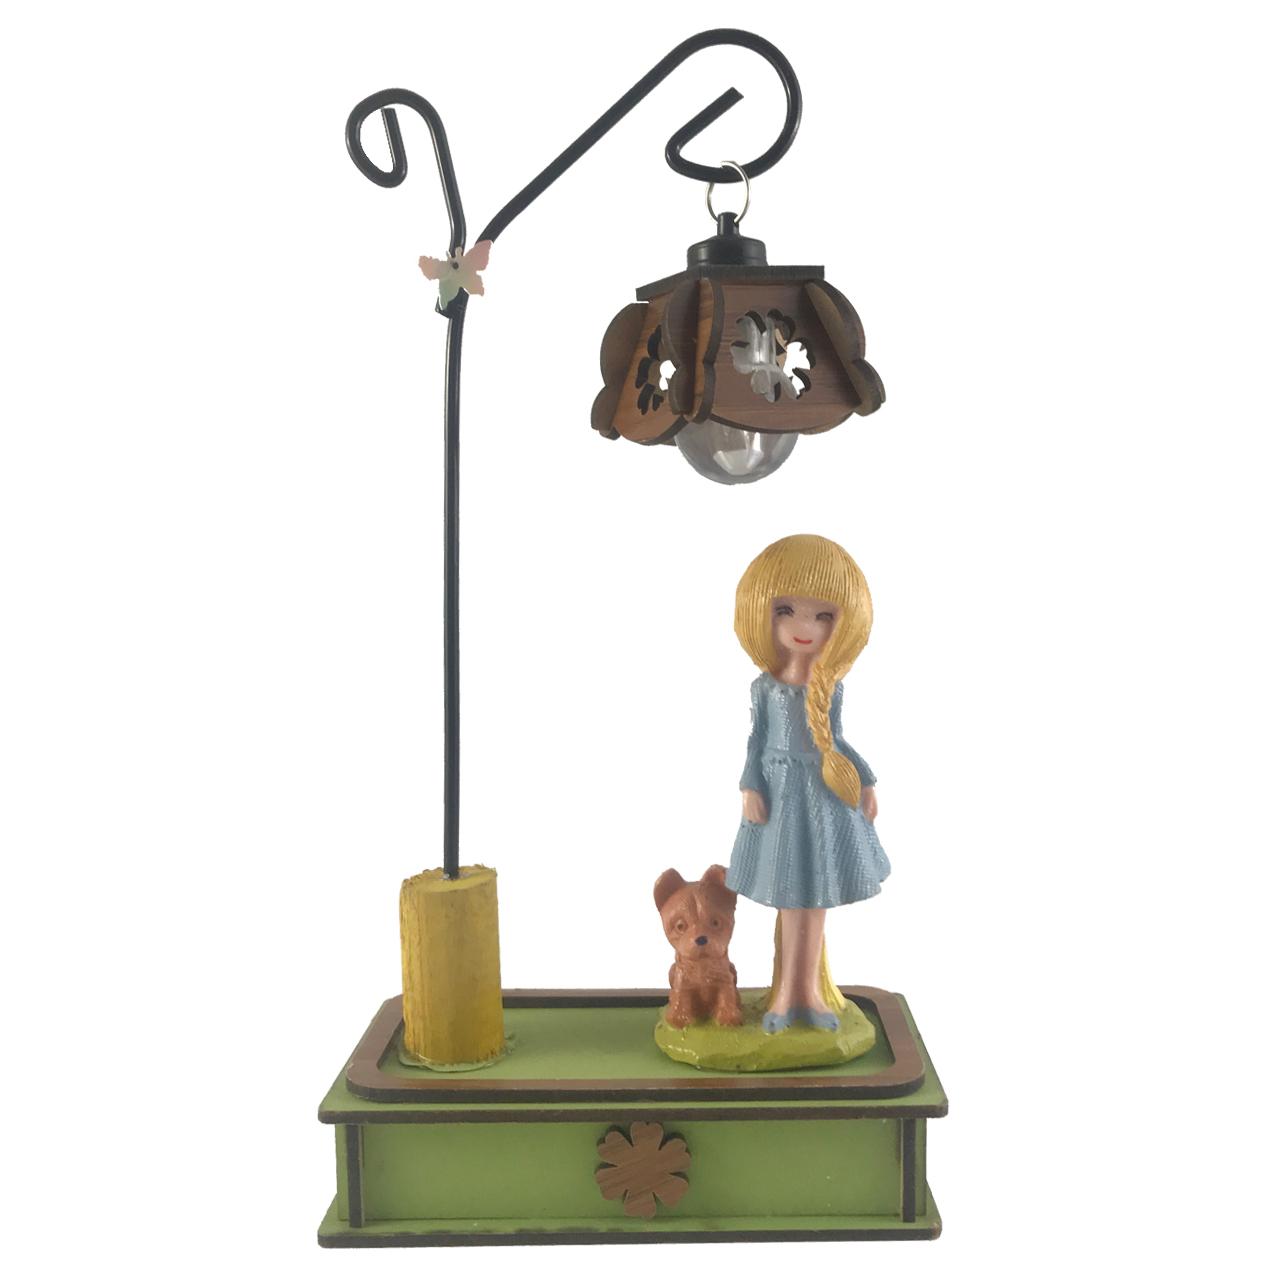 چراغ رومیزی مدل دختر و سگ کد 100